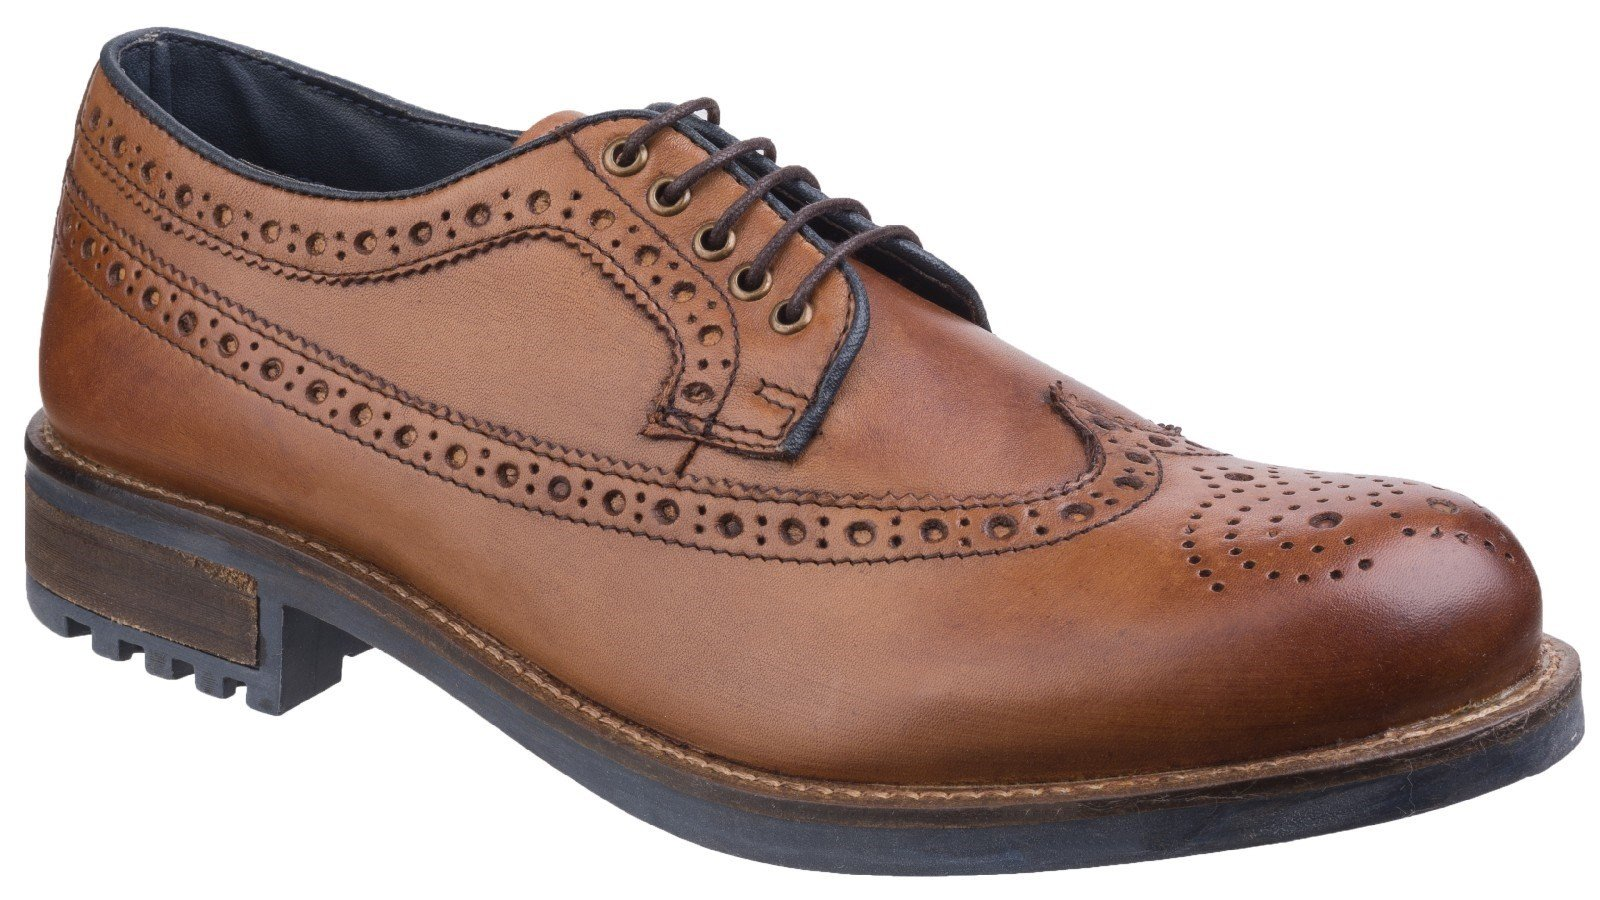 Cotswold Men's Poplar Brogue Dress Shoe Various Colours 25529 - Tan 6